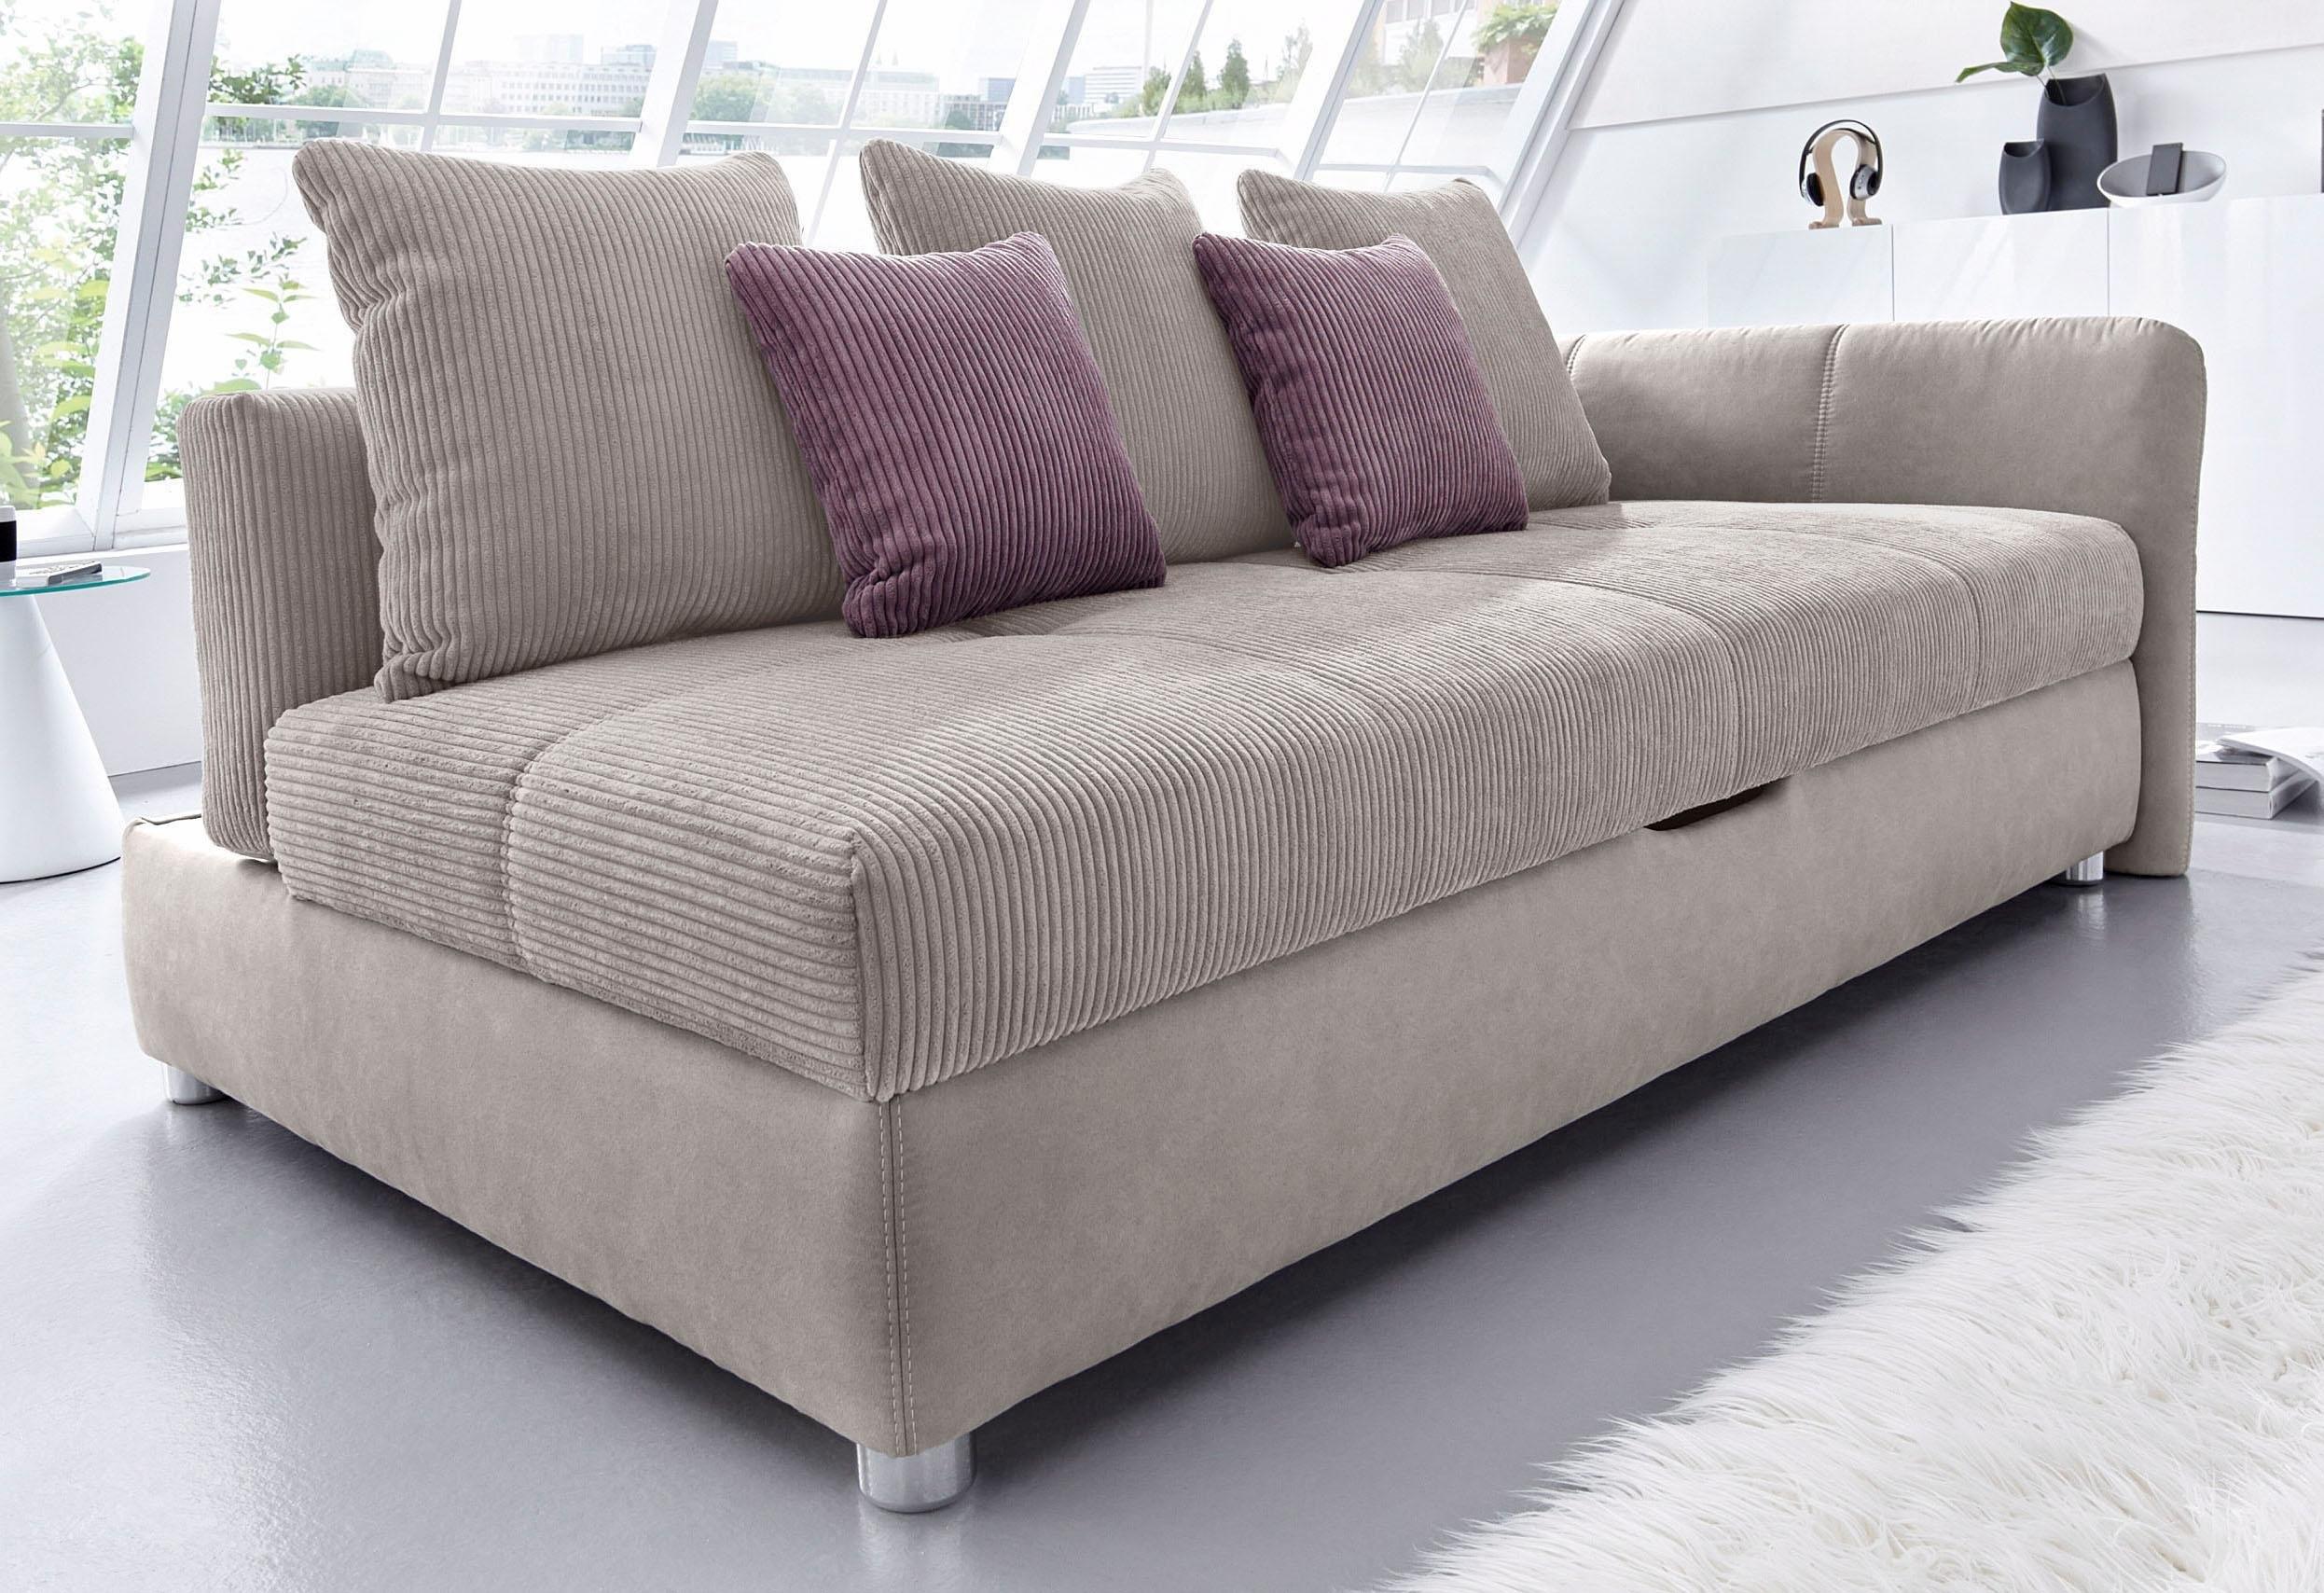 bedbank met verstelbare rugleuning en bedkist bestellen bij otto. Black Bedroom Furniture Sets. Home Design Ideas